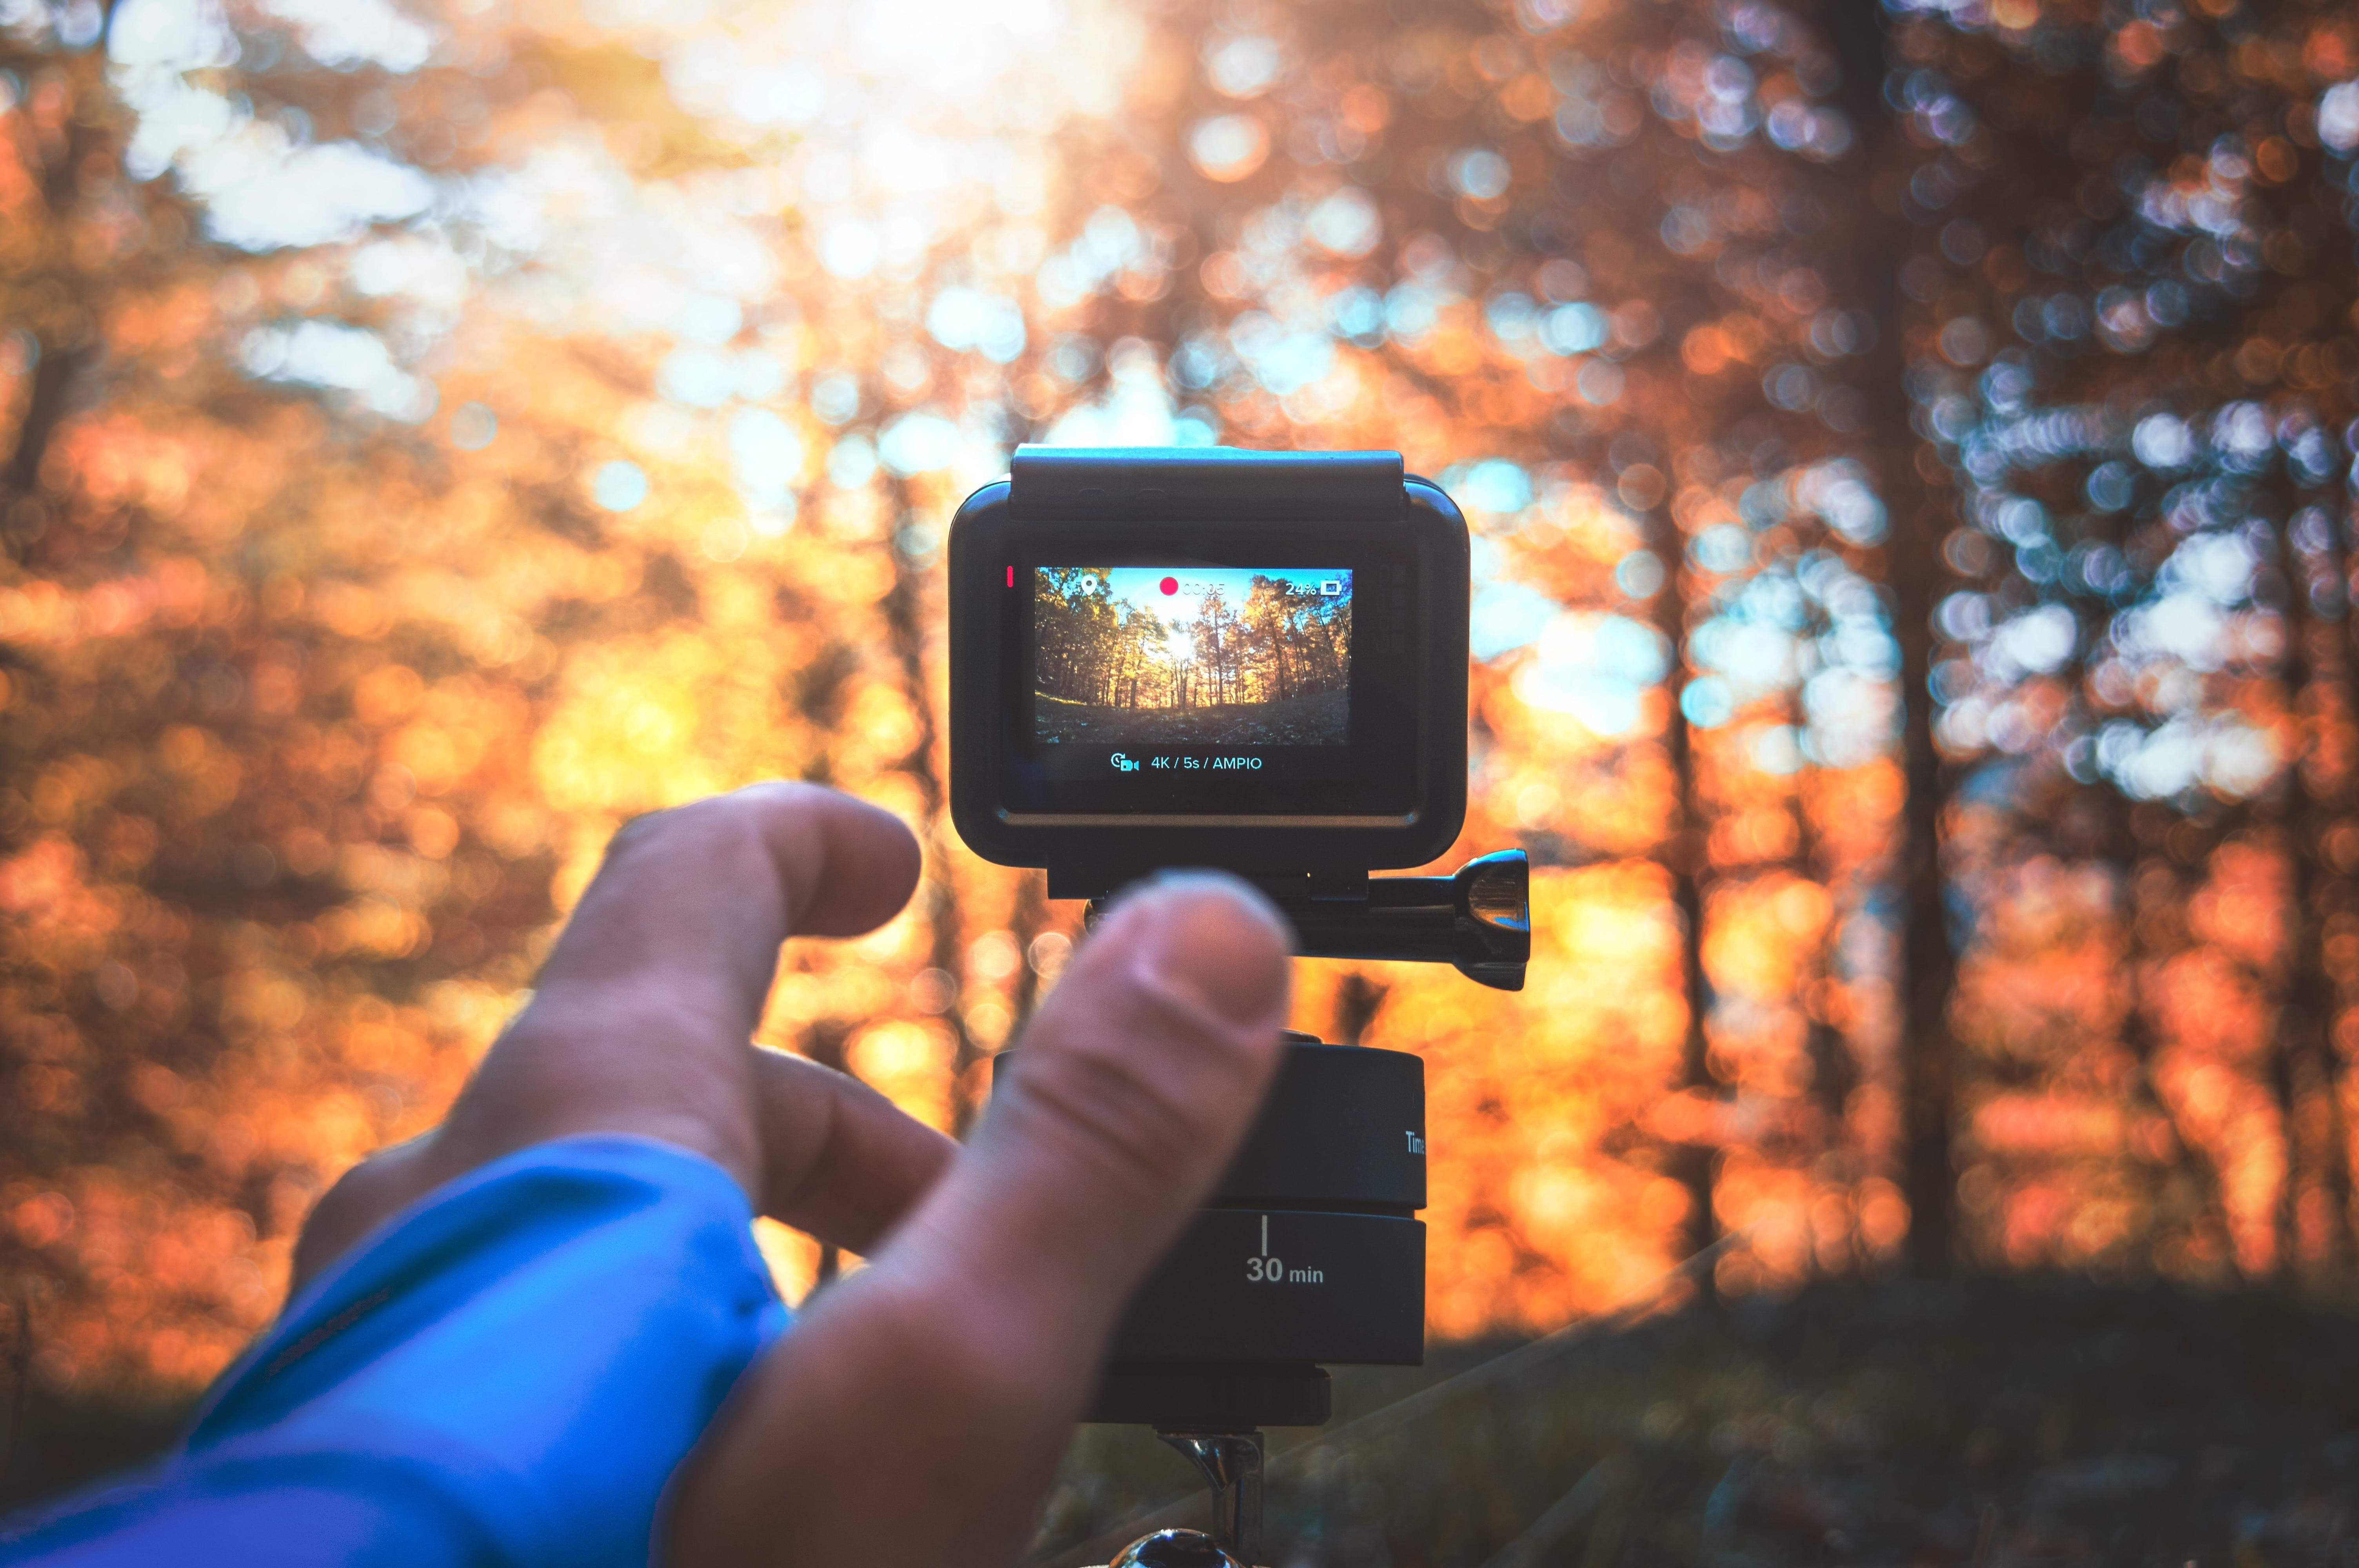 Tela touchscreen da GoPro